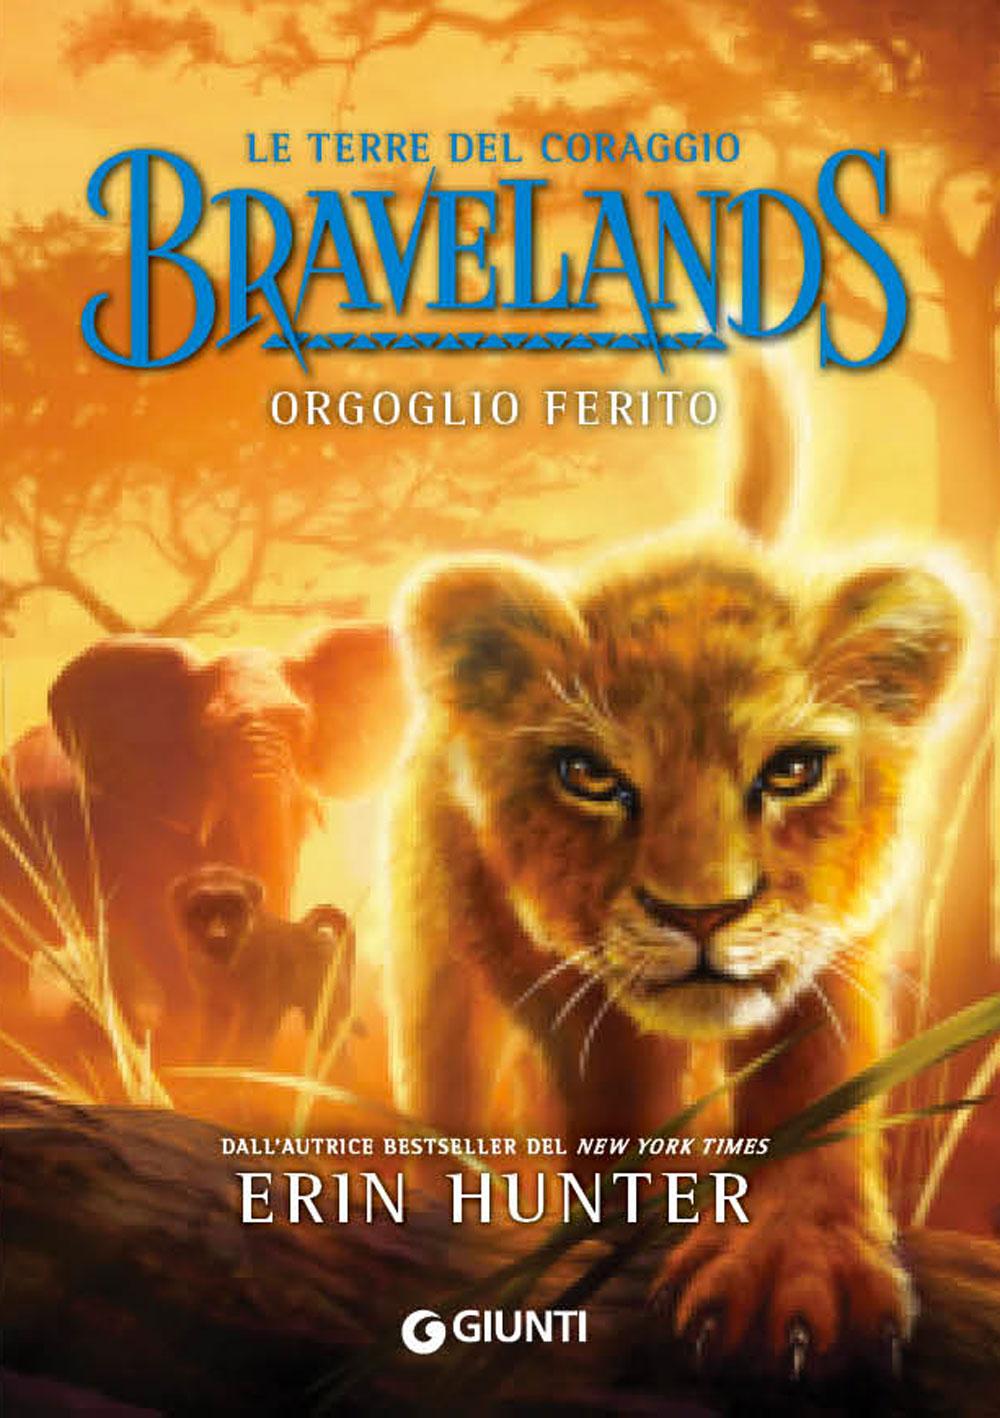 Proposte di lettura: Bravelands Orgoglio ferito di Erin Hunter